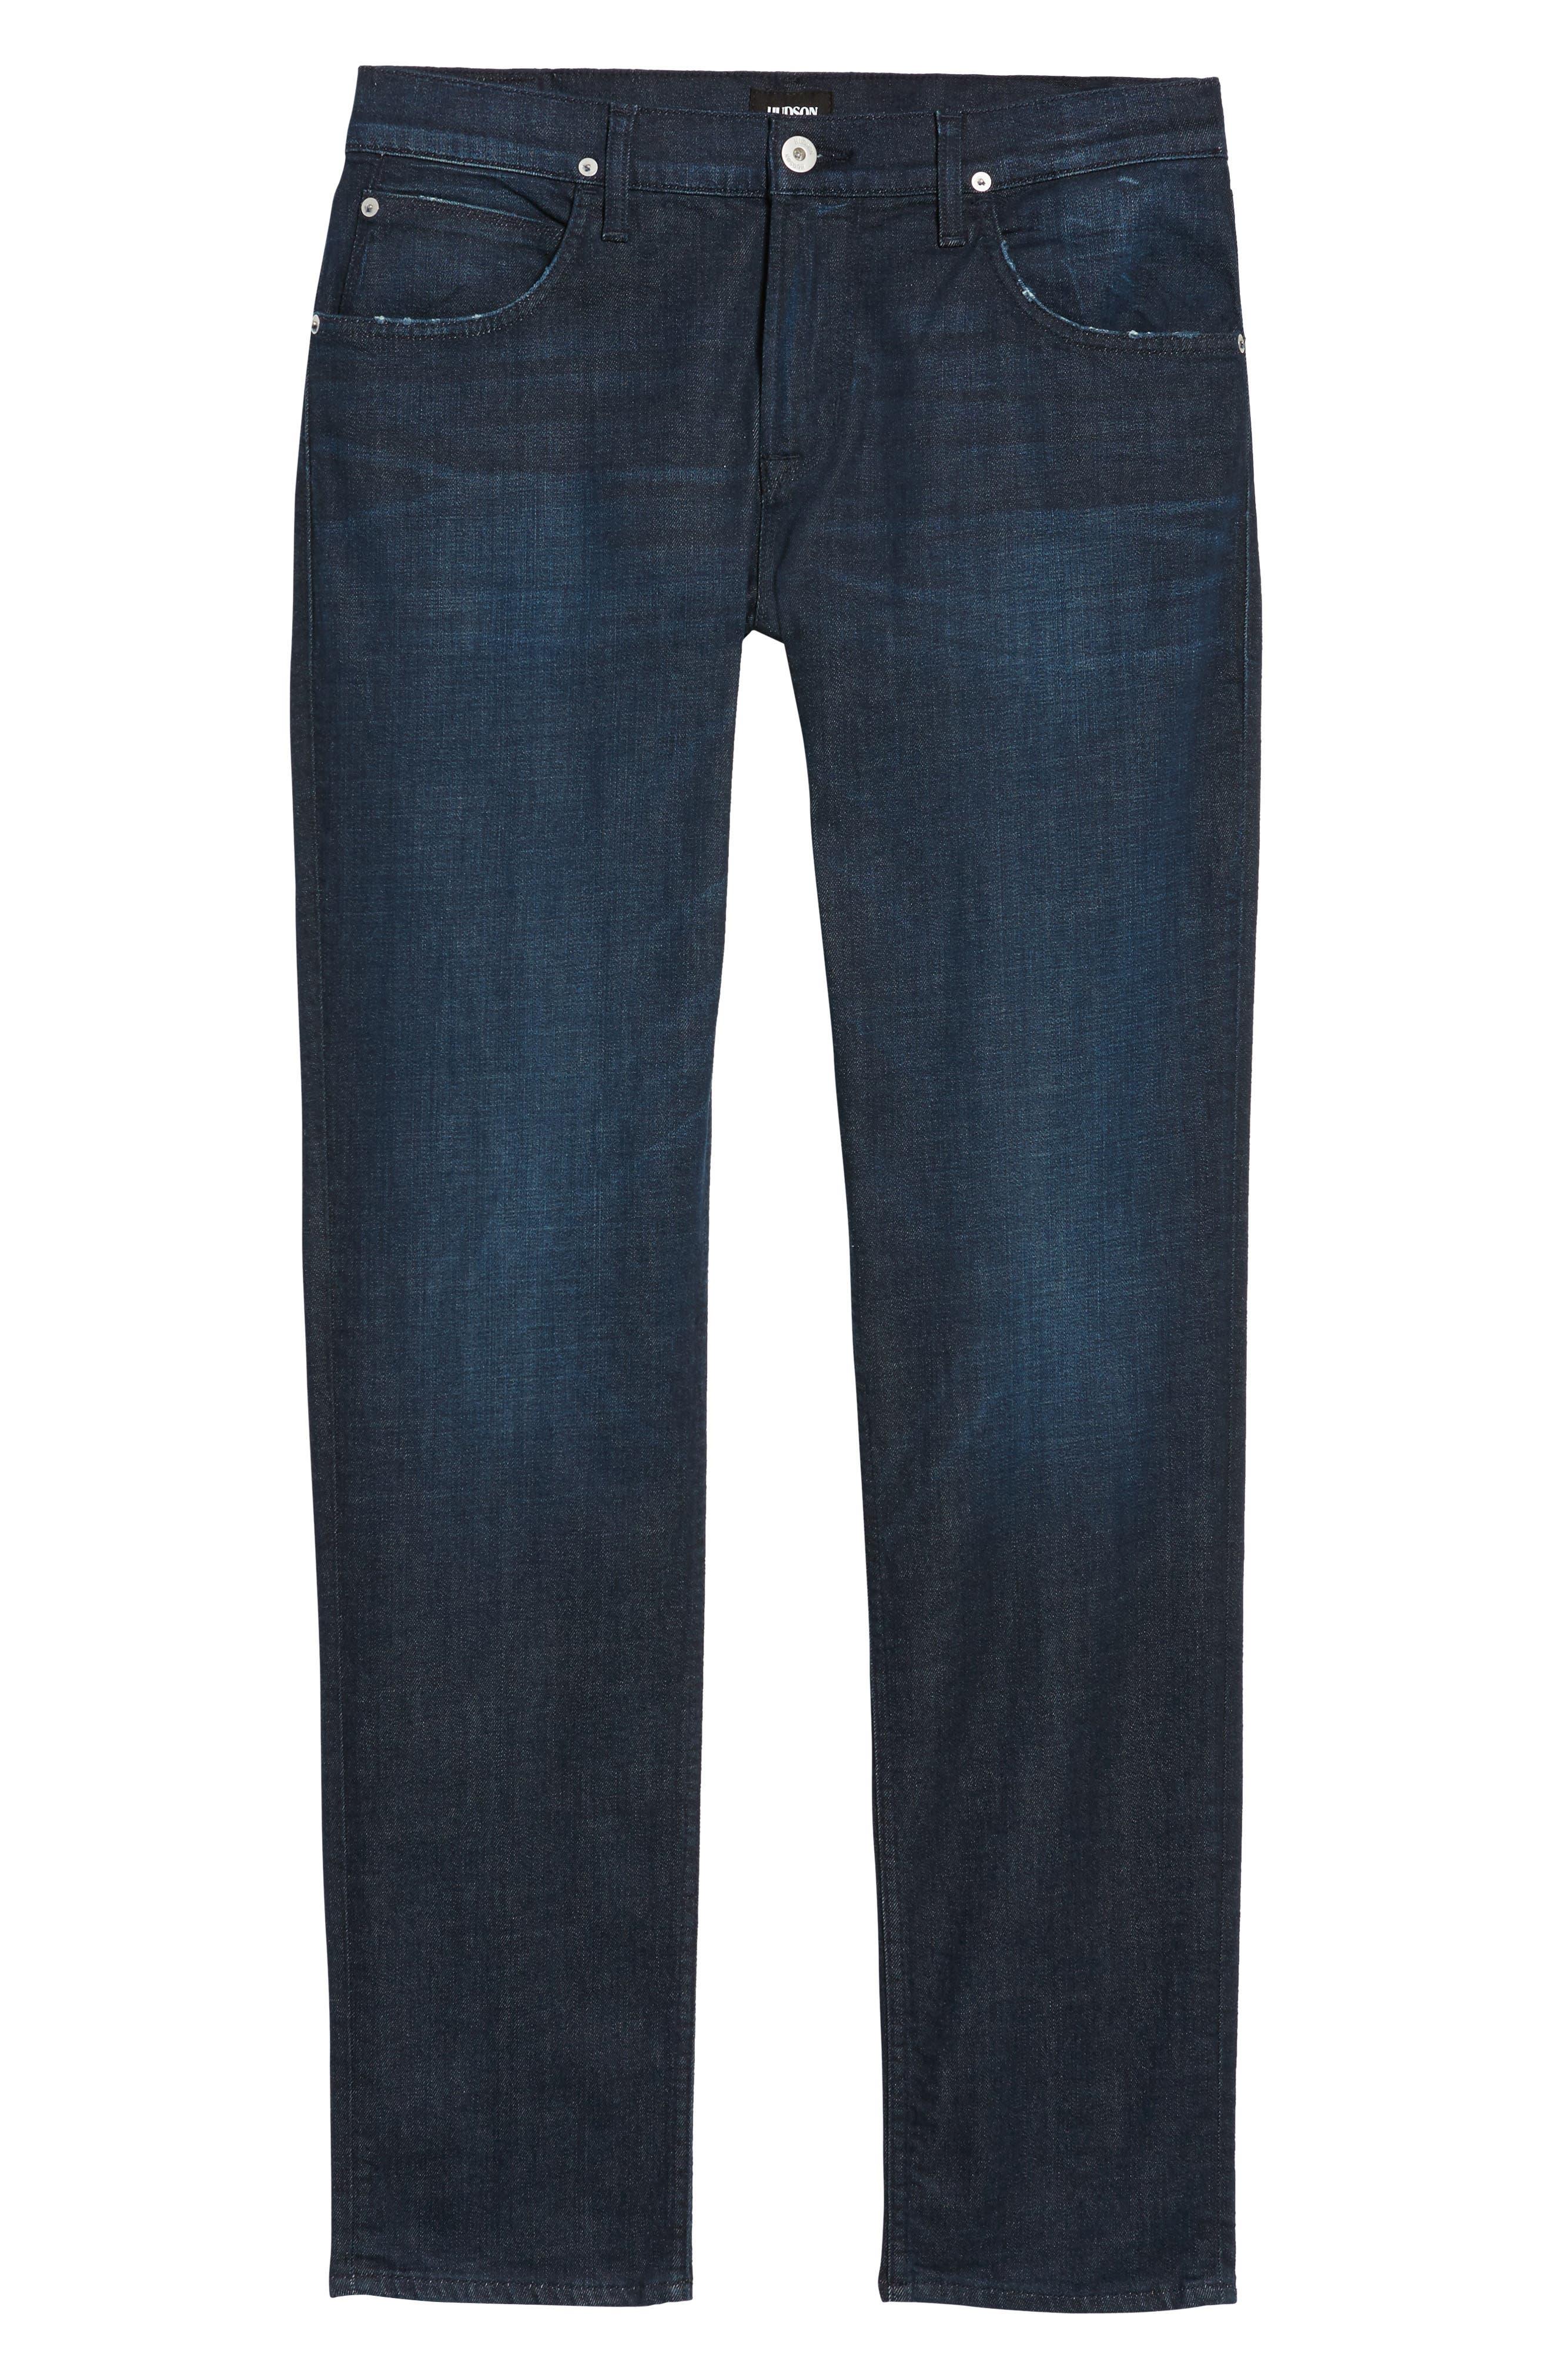 Blake Slim Fit Jeans,                             Alternate thumbnail 6, color,                             EVENING HUSH